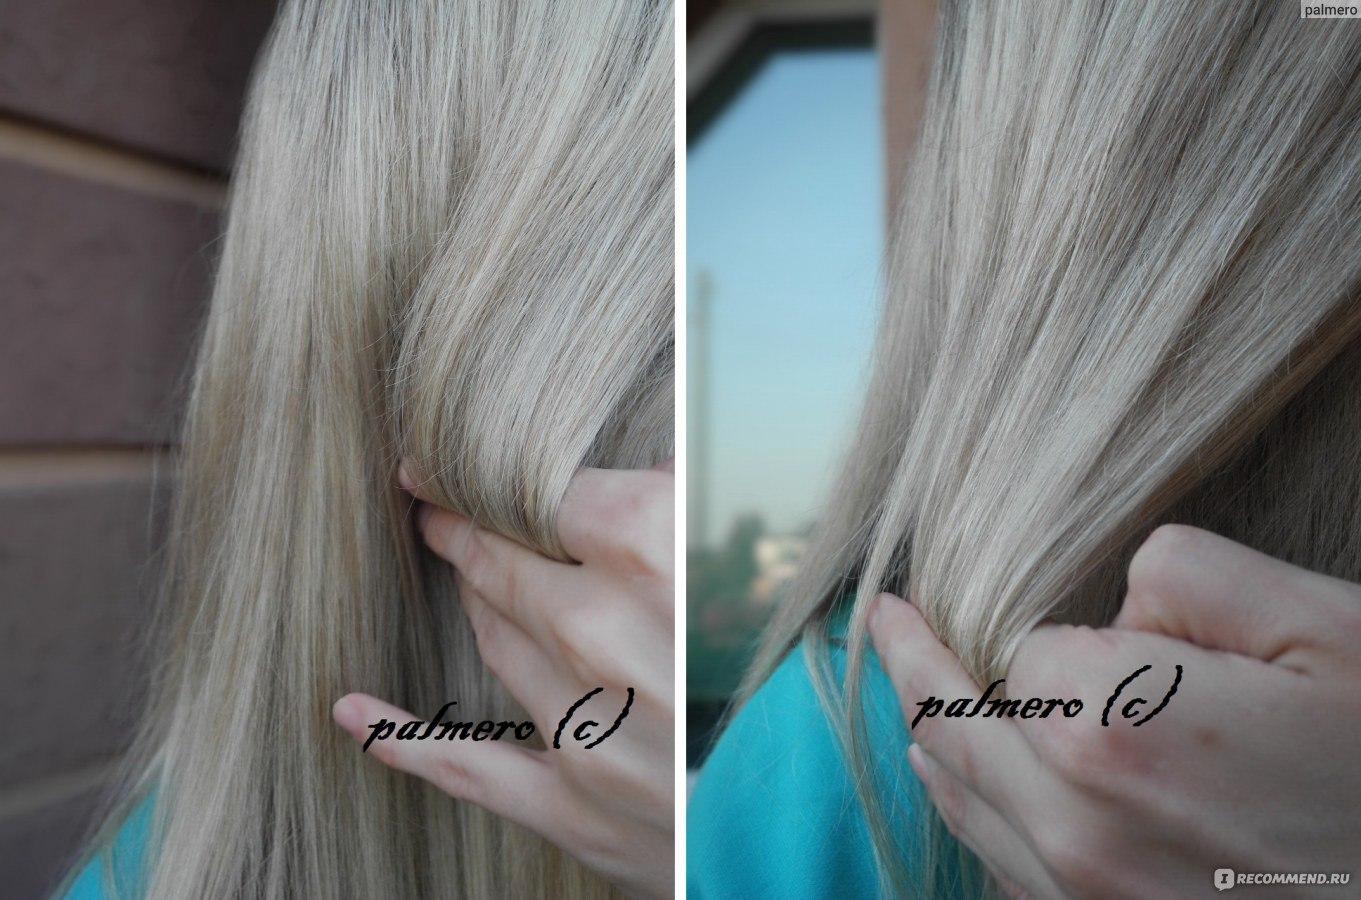 Фирма диксон для волос отзывы